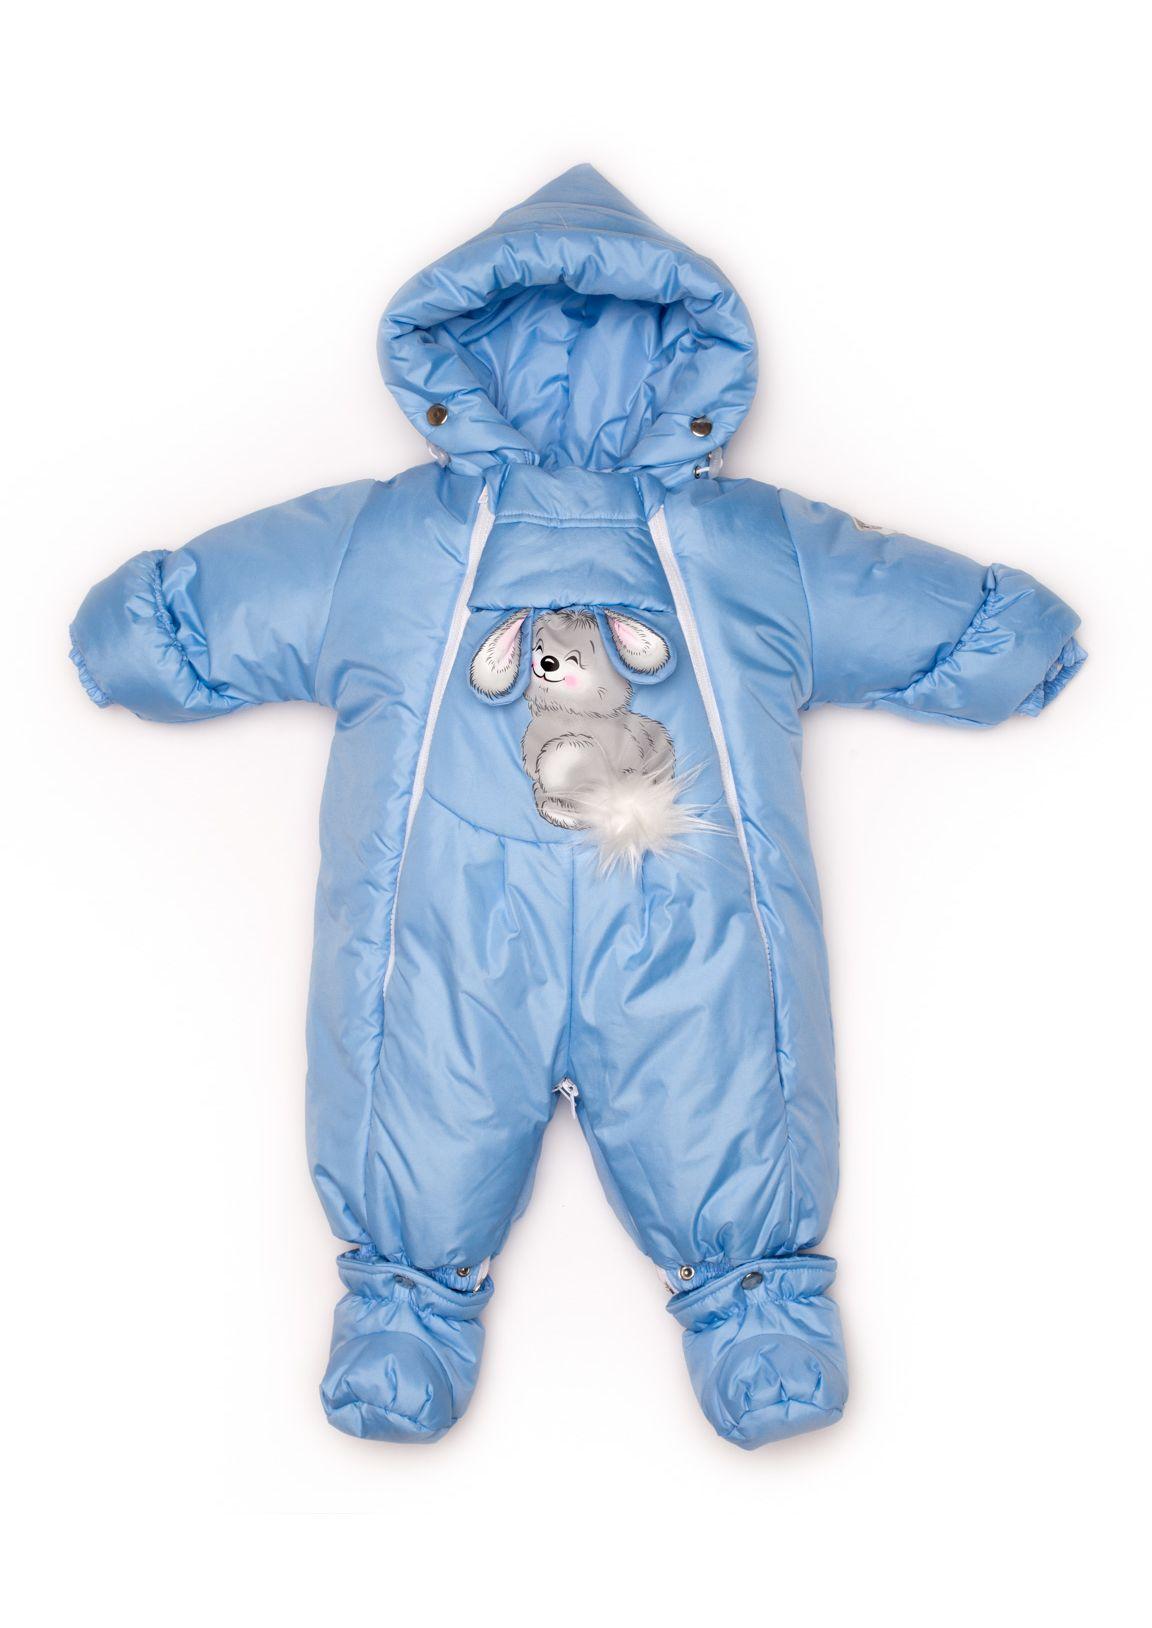 Купить 147шм, Комбинезон-трансформер Malek-Baby Зима подклад отстёгивается Голубой р.80, Комбинезоны трансформеры для новорожденных